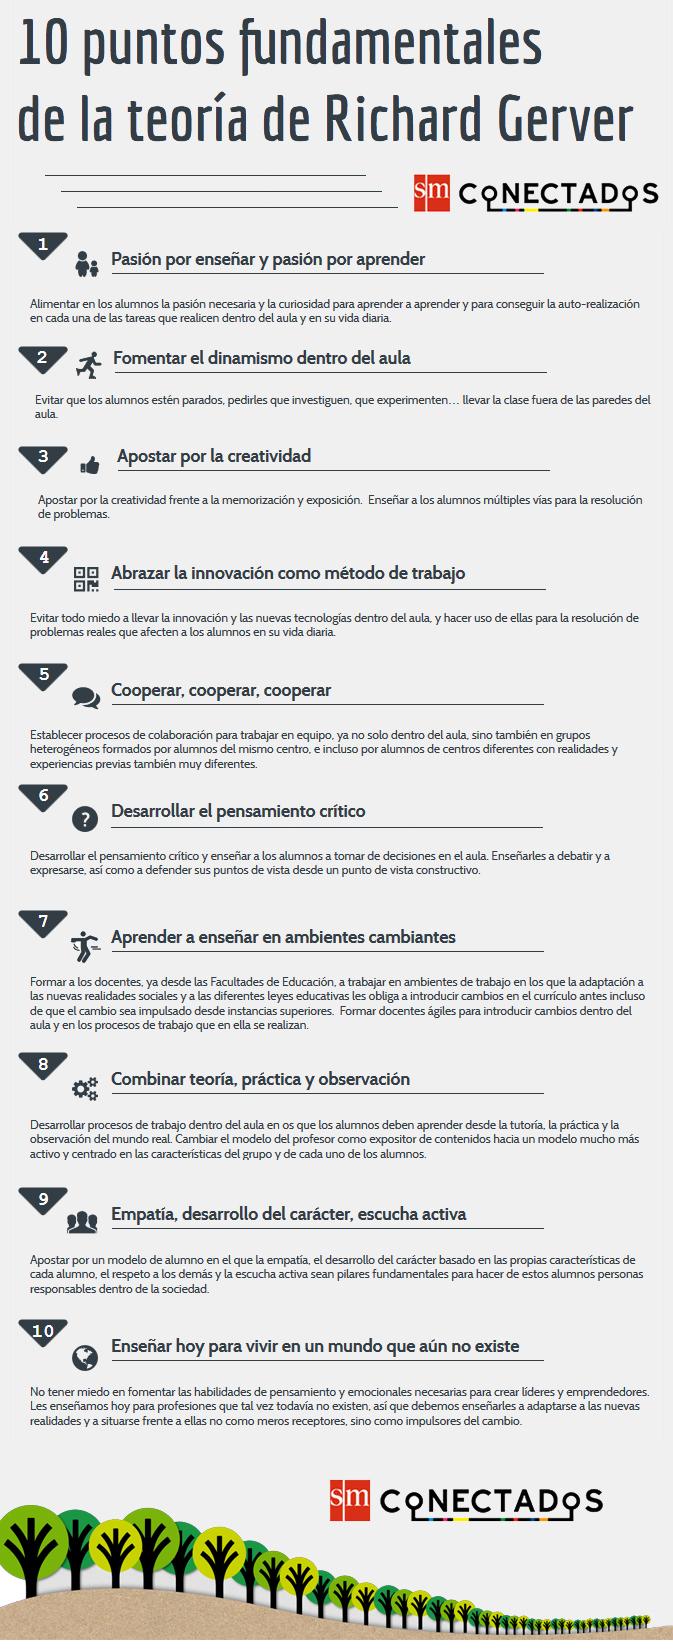 10 puntos fundamentales de la teoría de Richard Gerver